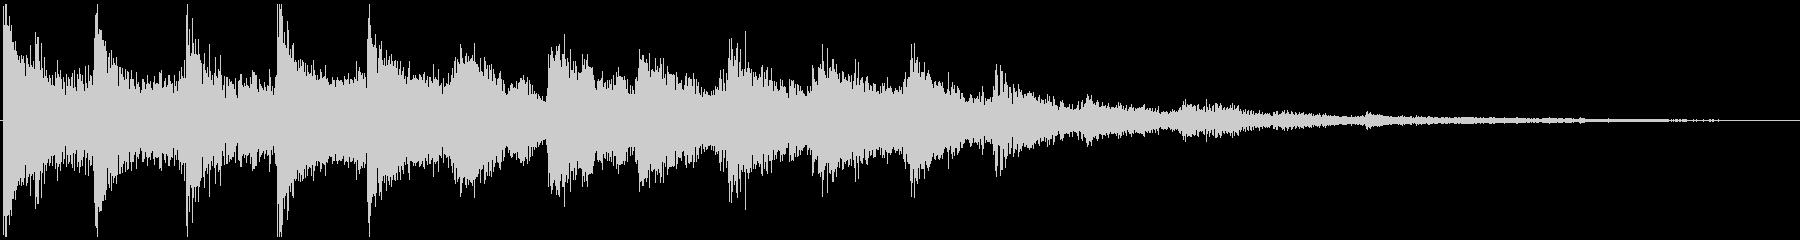 通知音・着信音風ジングル8の未再生の波形